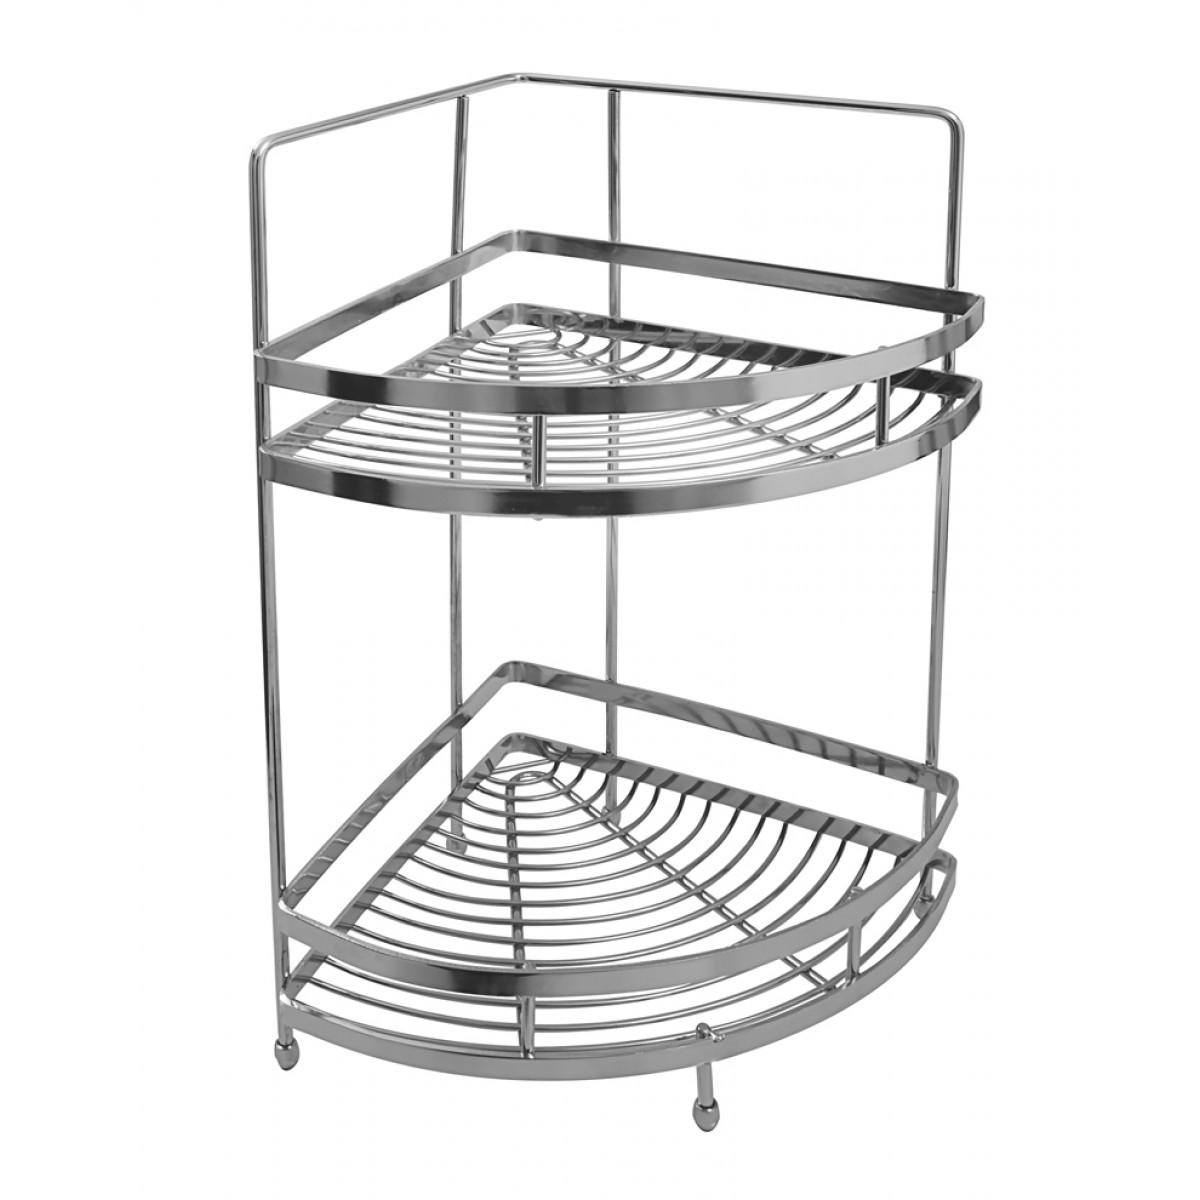 Klaxon Stainless Steel Double Shelf Basket Silver